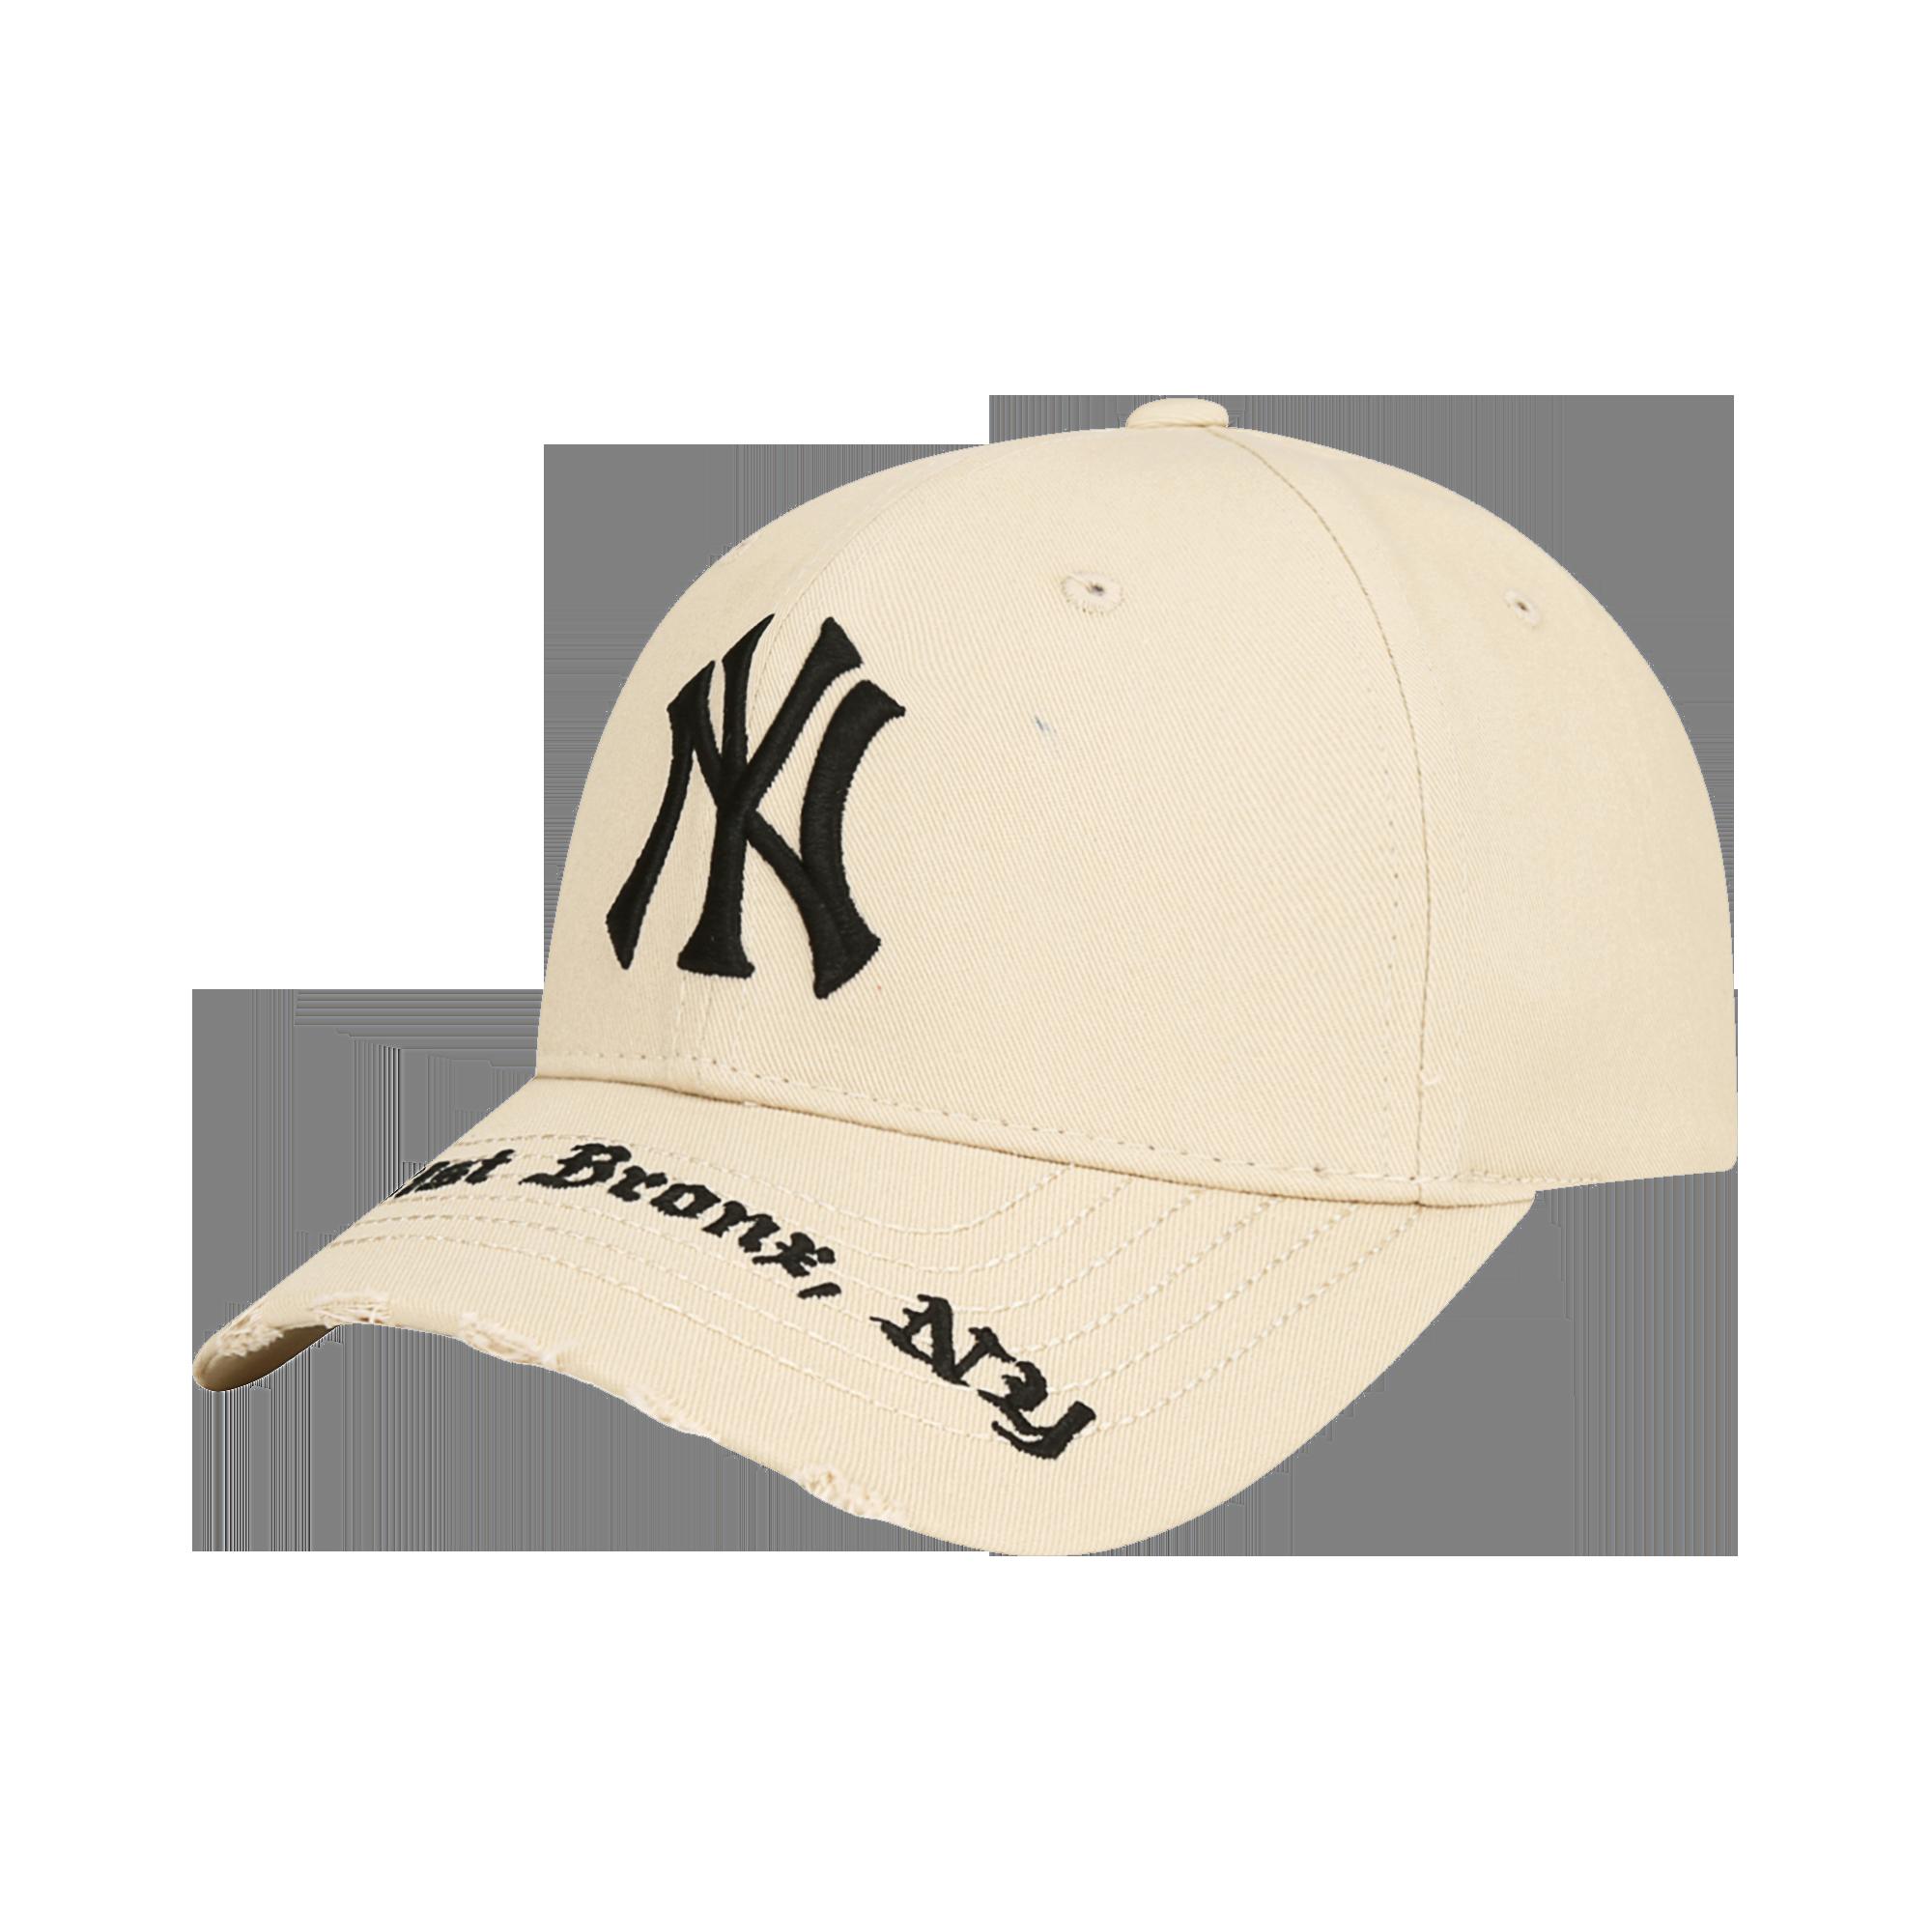 뉴욕양키스 뉴욕 어드레스 볼캡